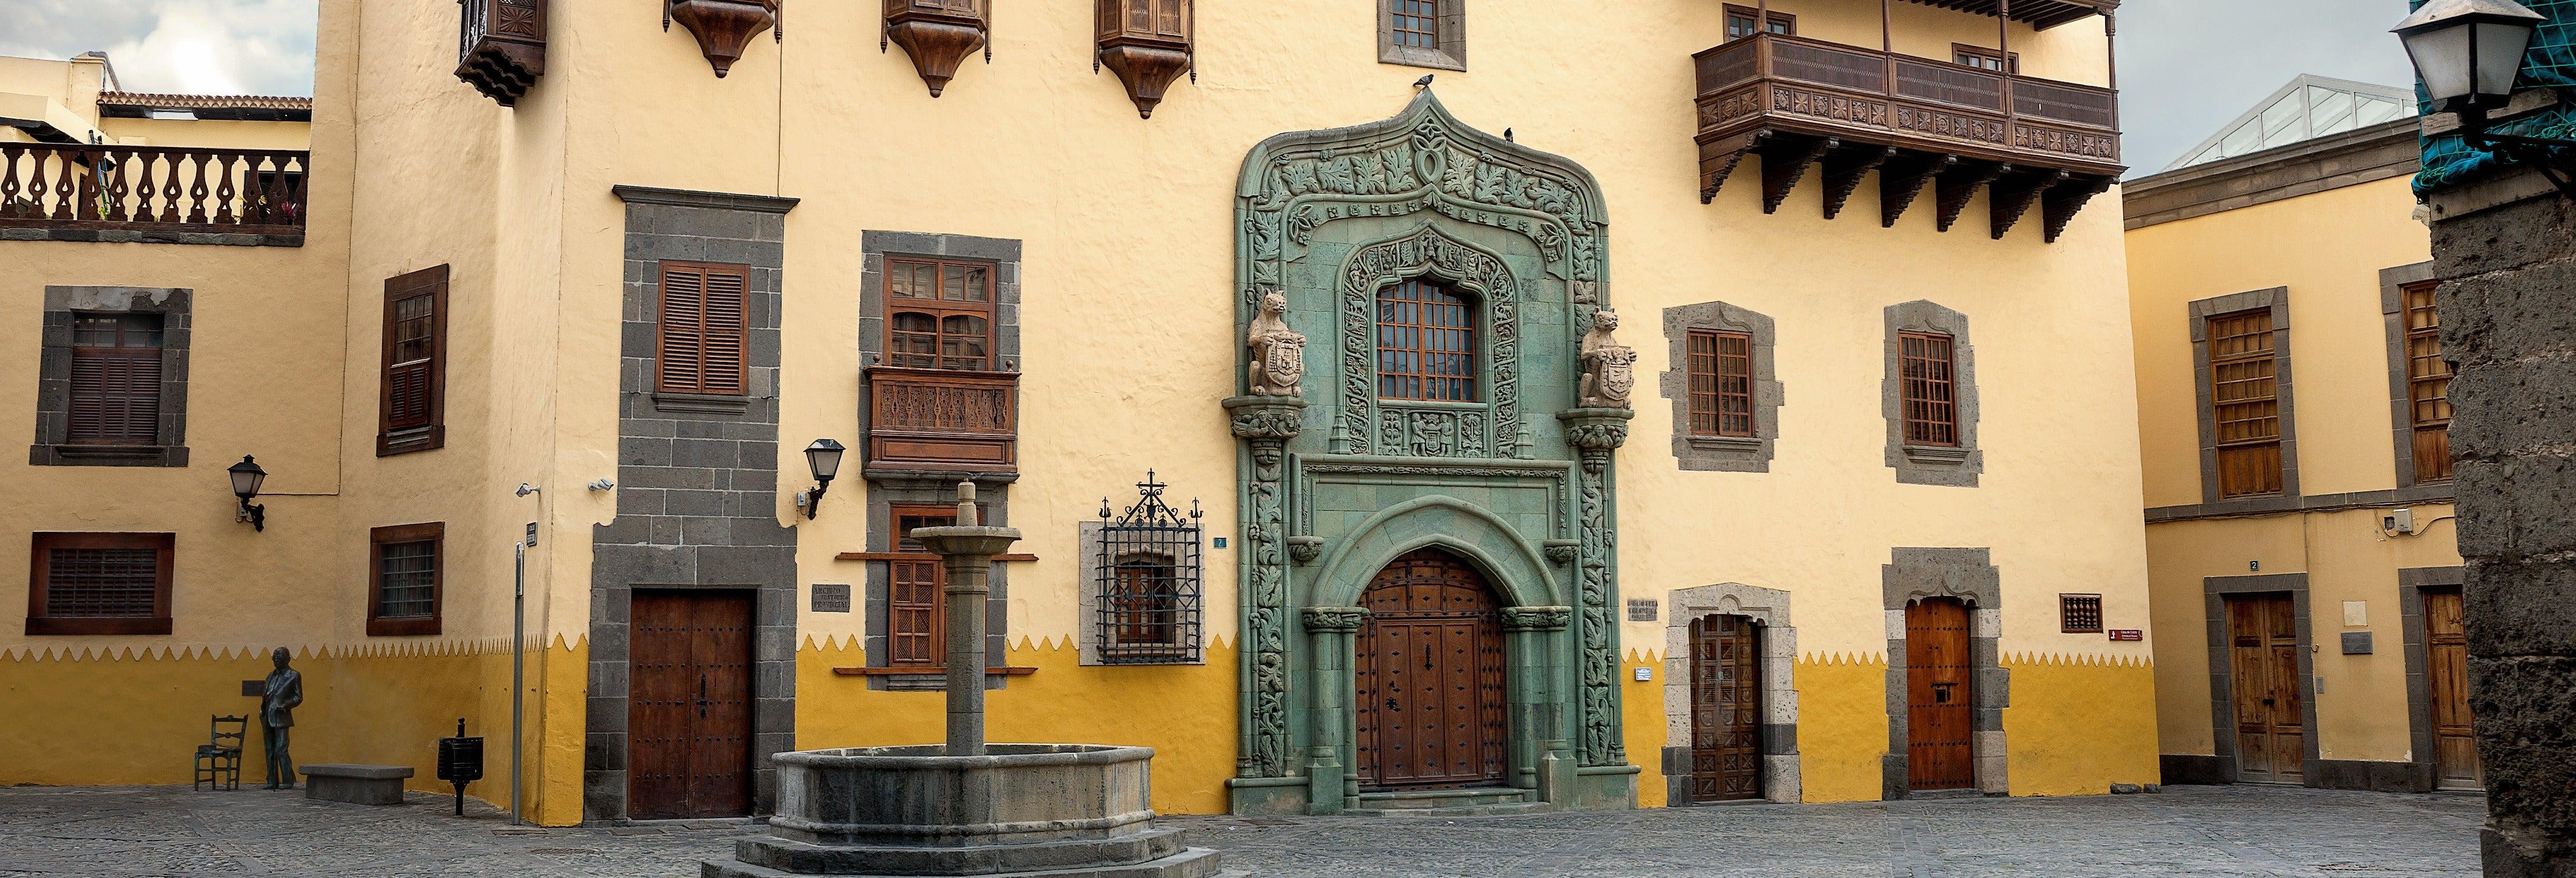 Visita guiada por la Catedral de Santa Ana + Casa de Colón